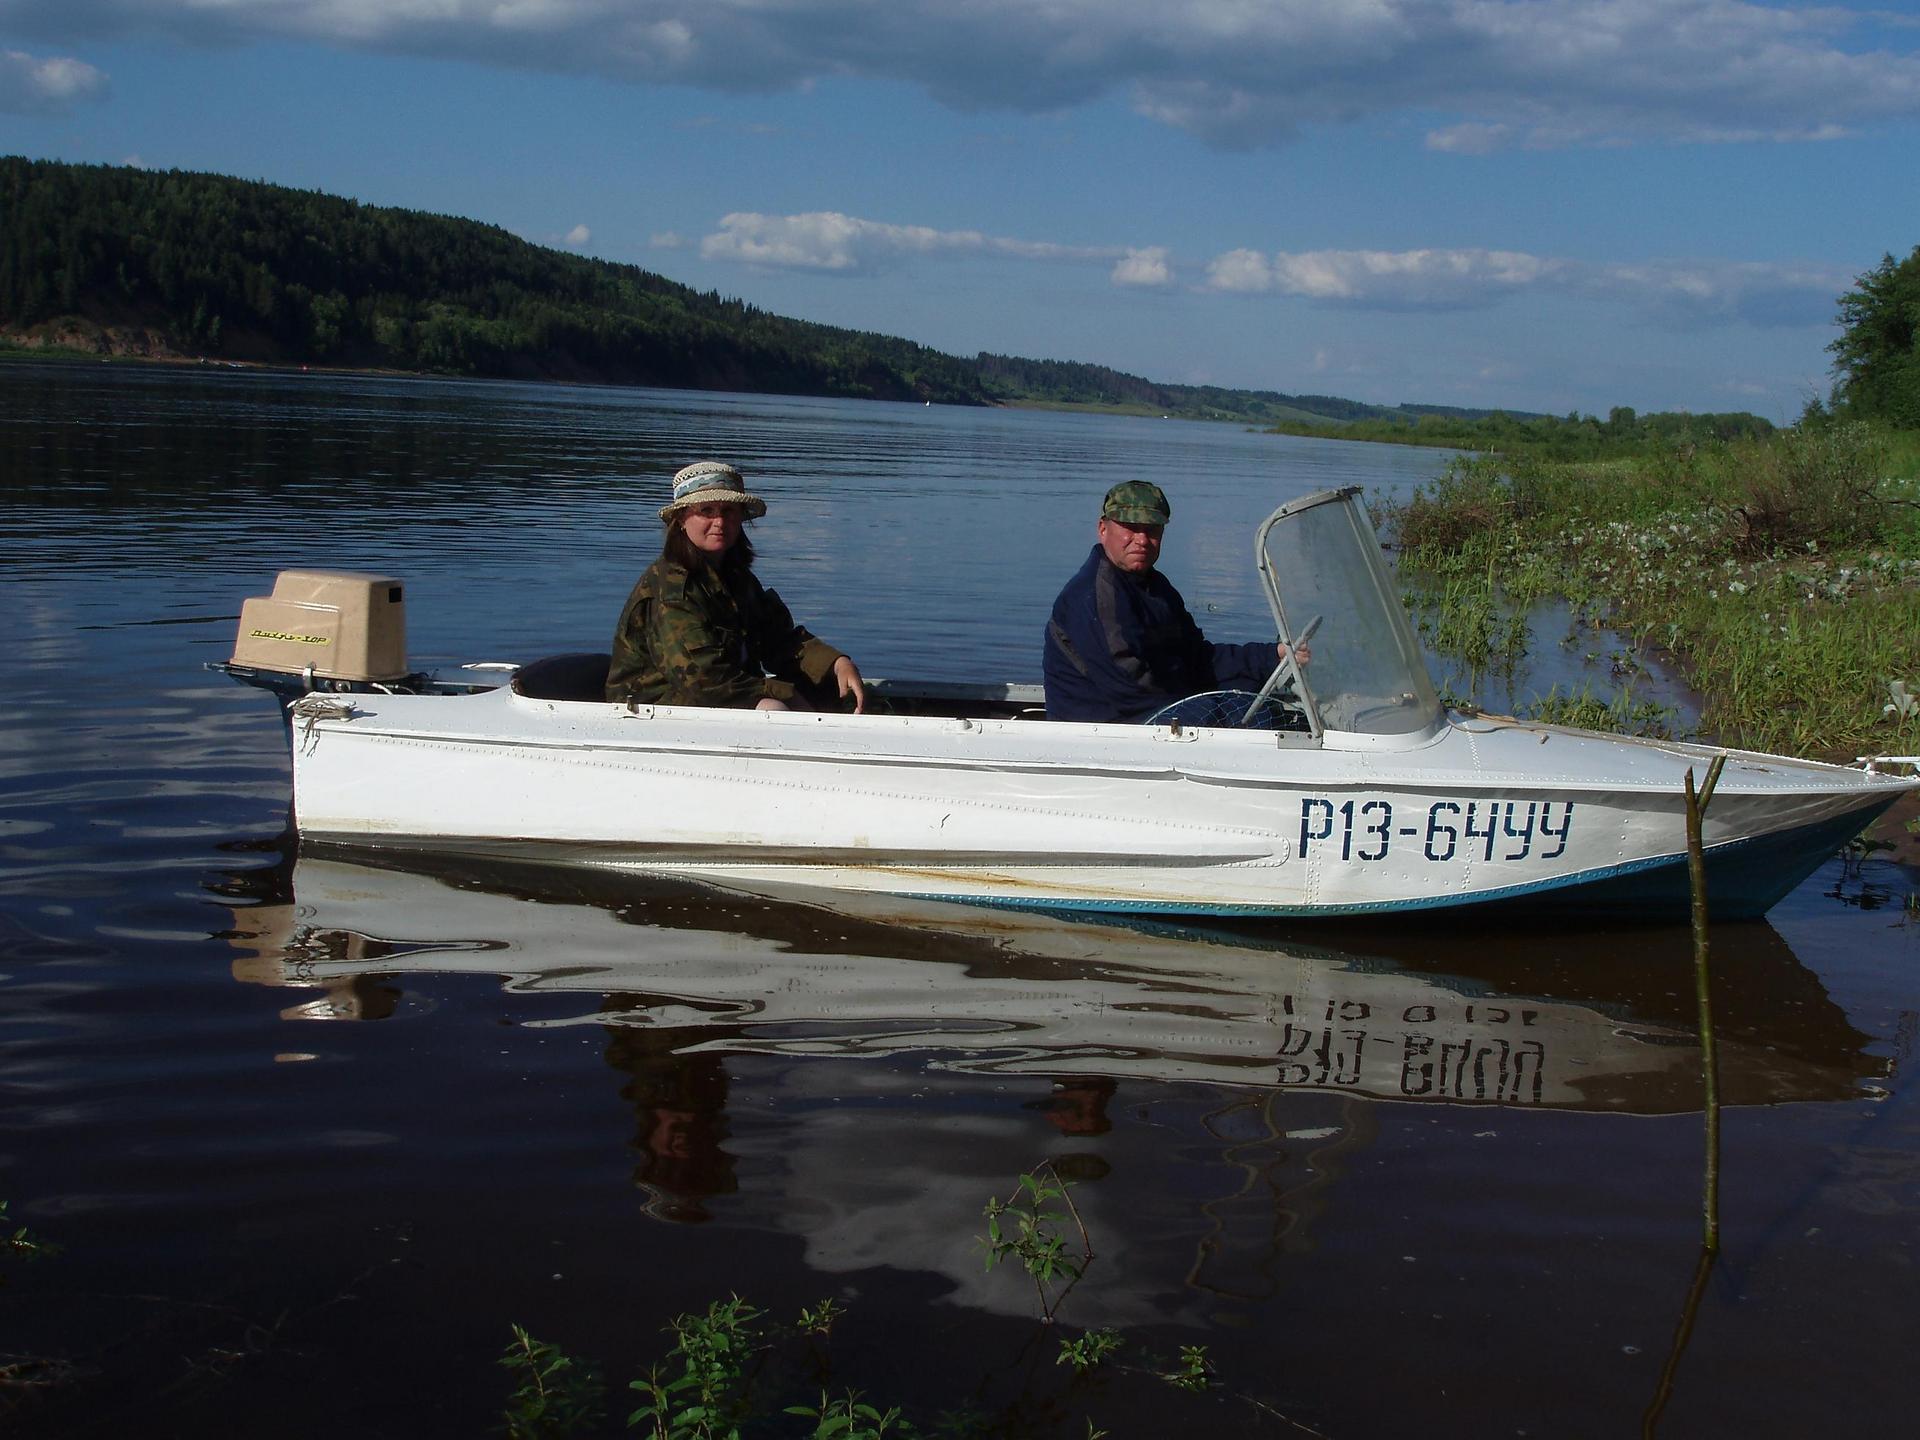 Тема: Продается моторная лодка Обь: izhevsk.ru/forummessage/127/1568900.html